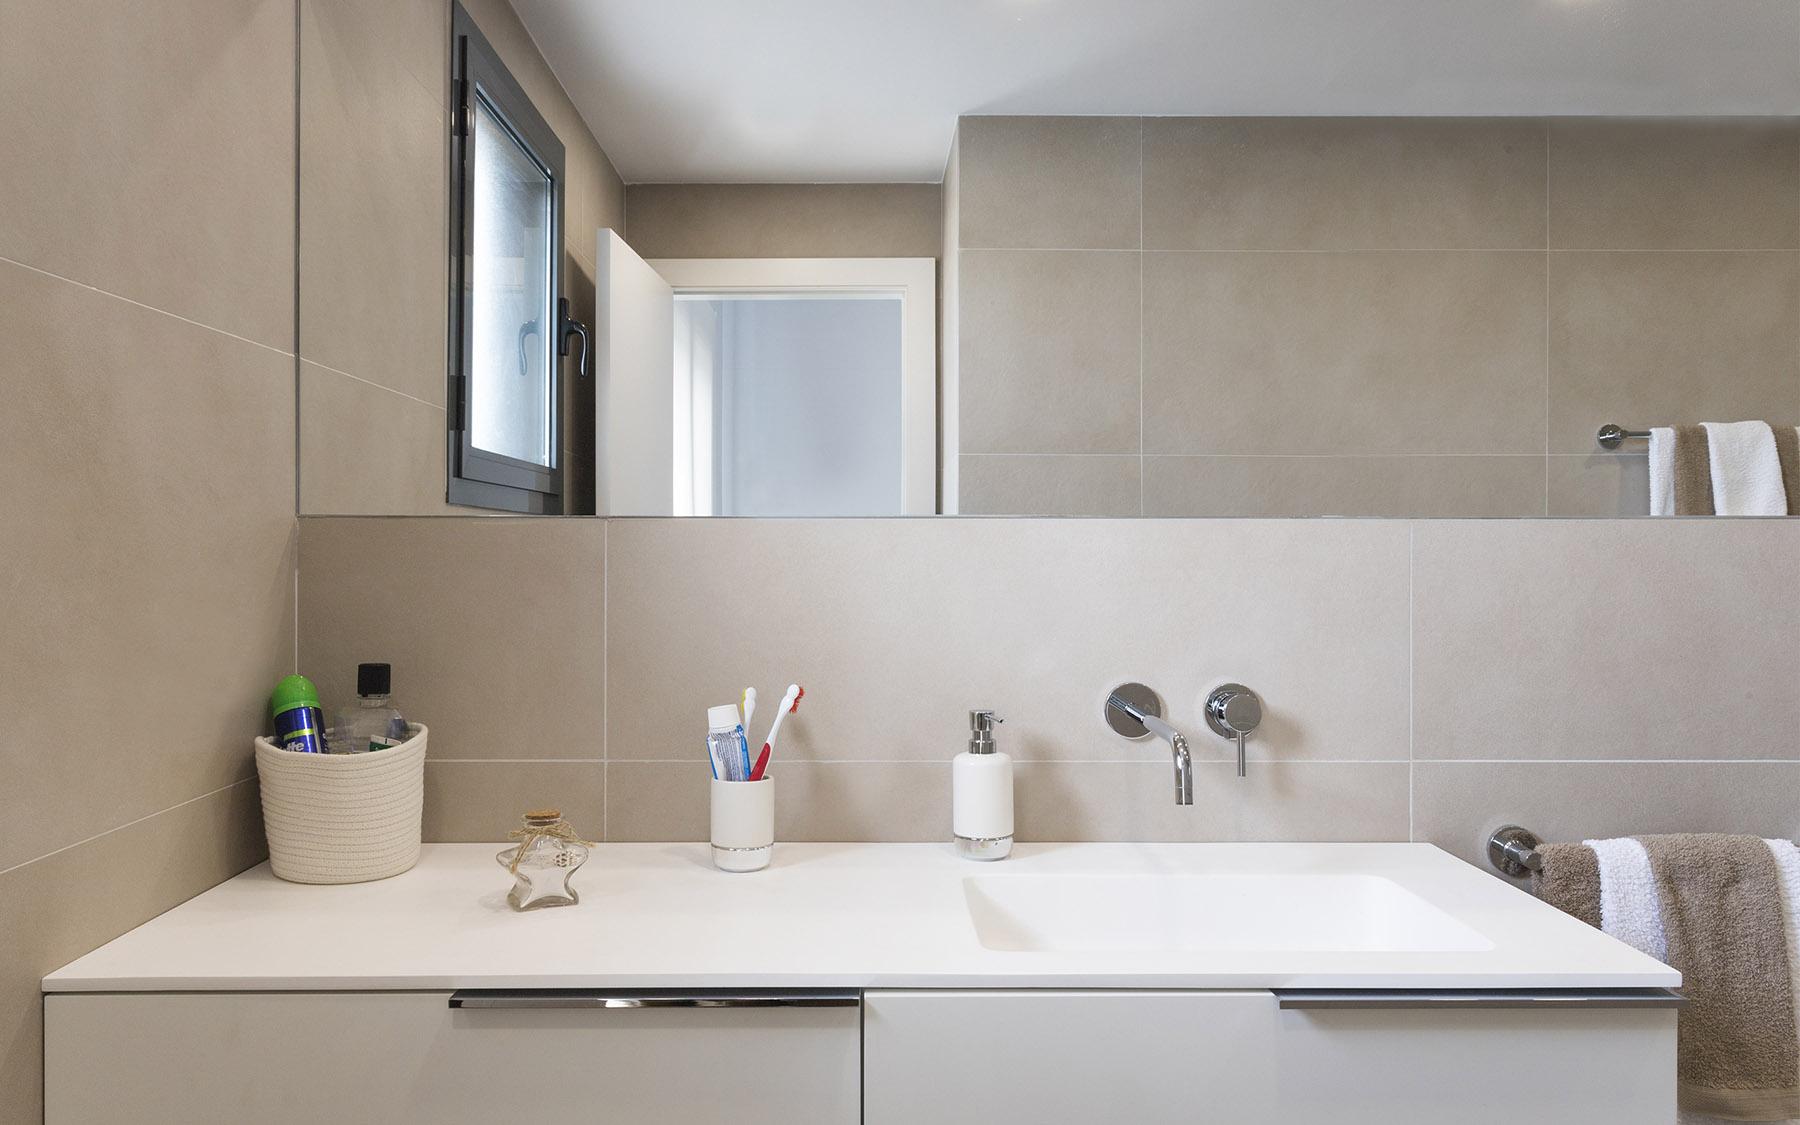 comment avoir une maison eco friendly acertus. Black Bedroom Furniture Sets. Home Design Ideas